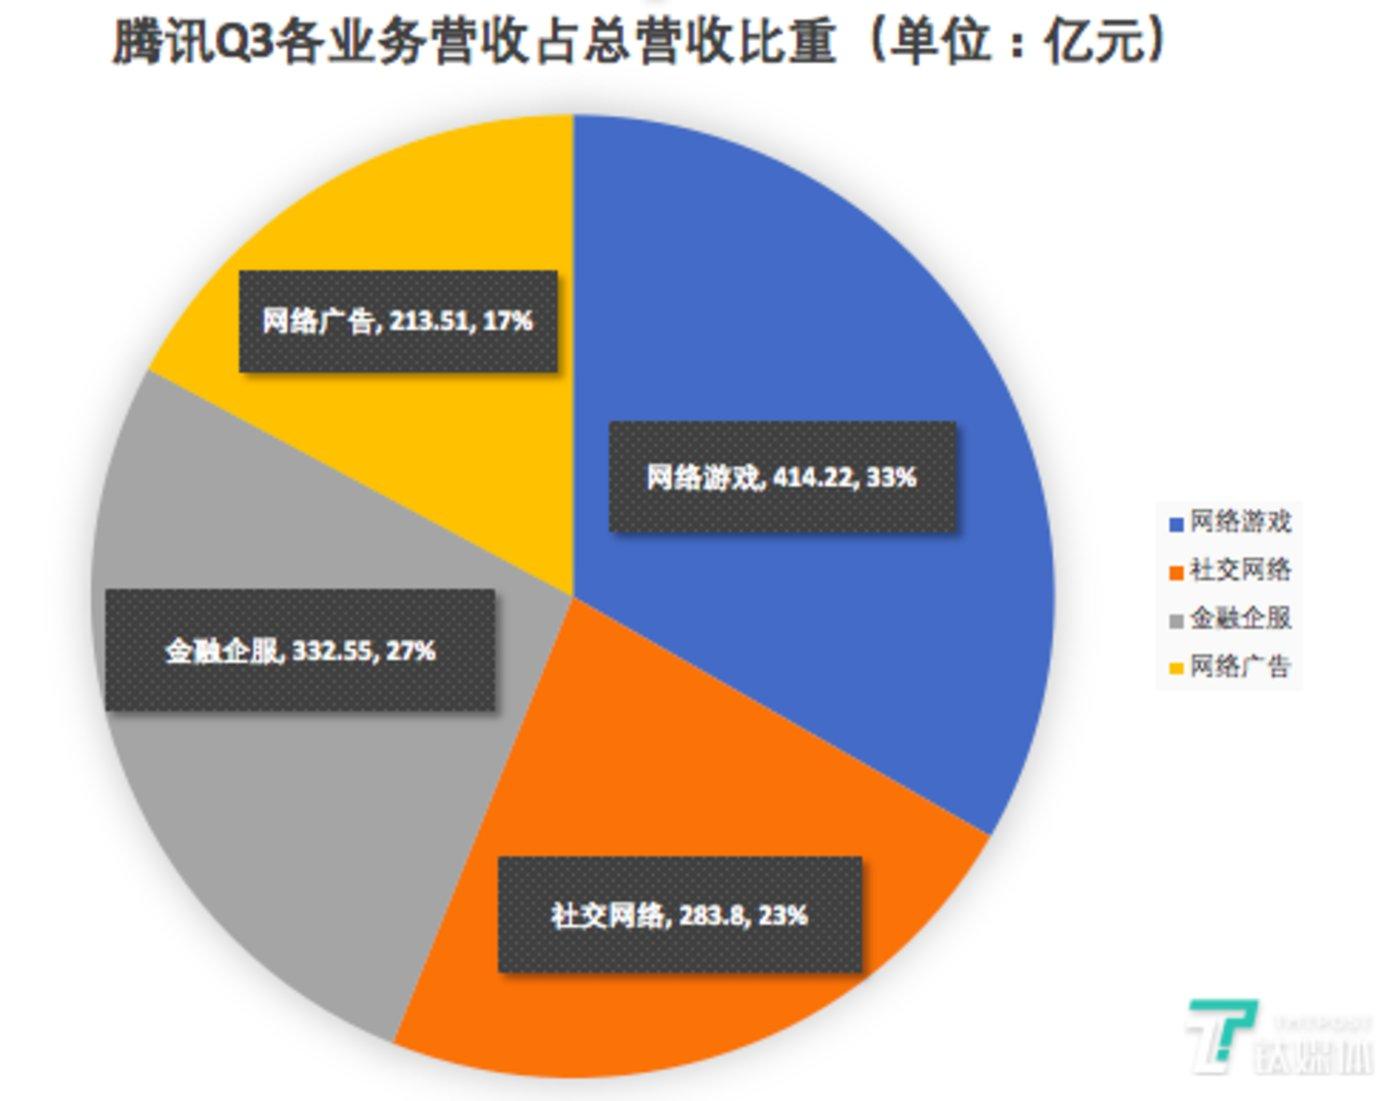 腾讯Q3各业务营收占总营收比重(制图/芦依)